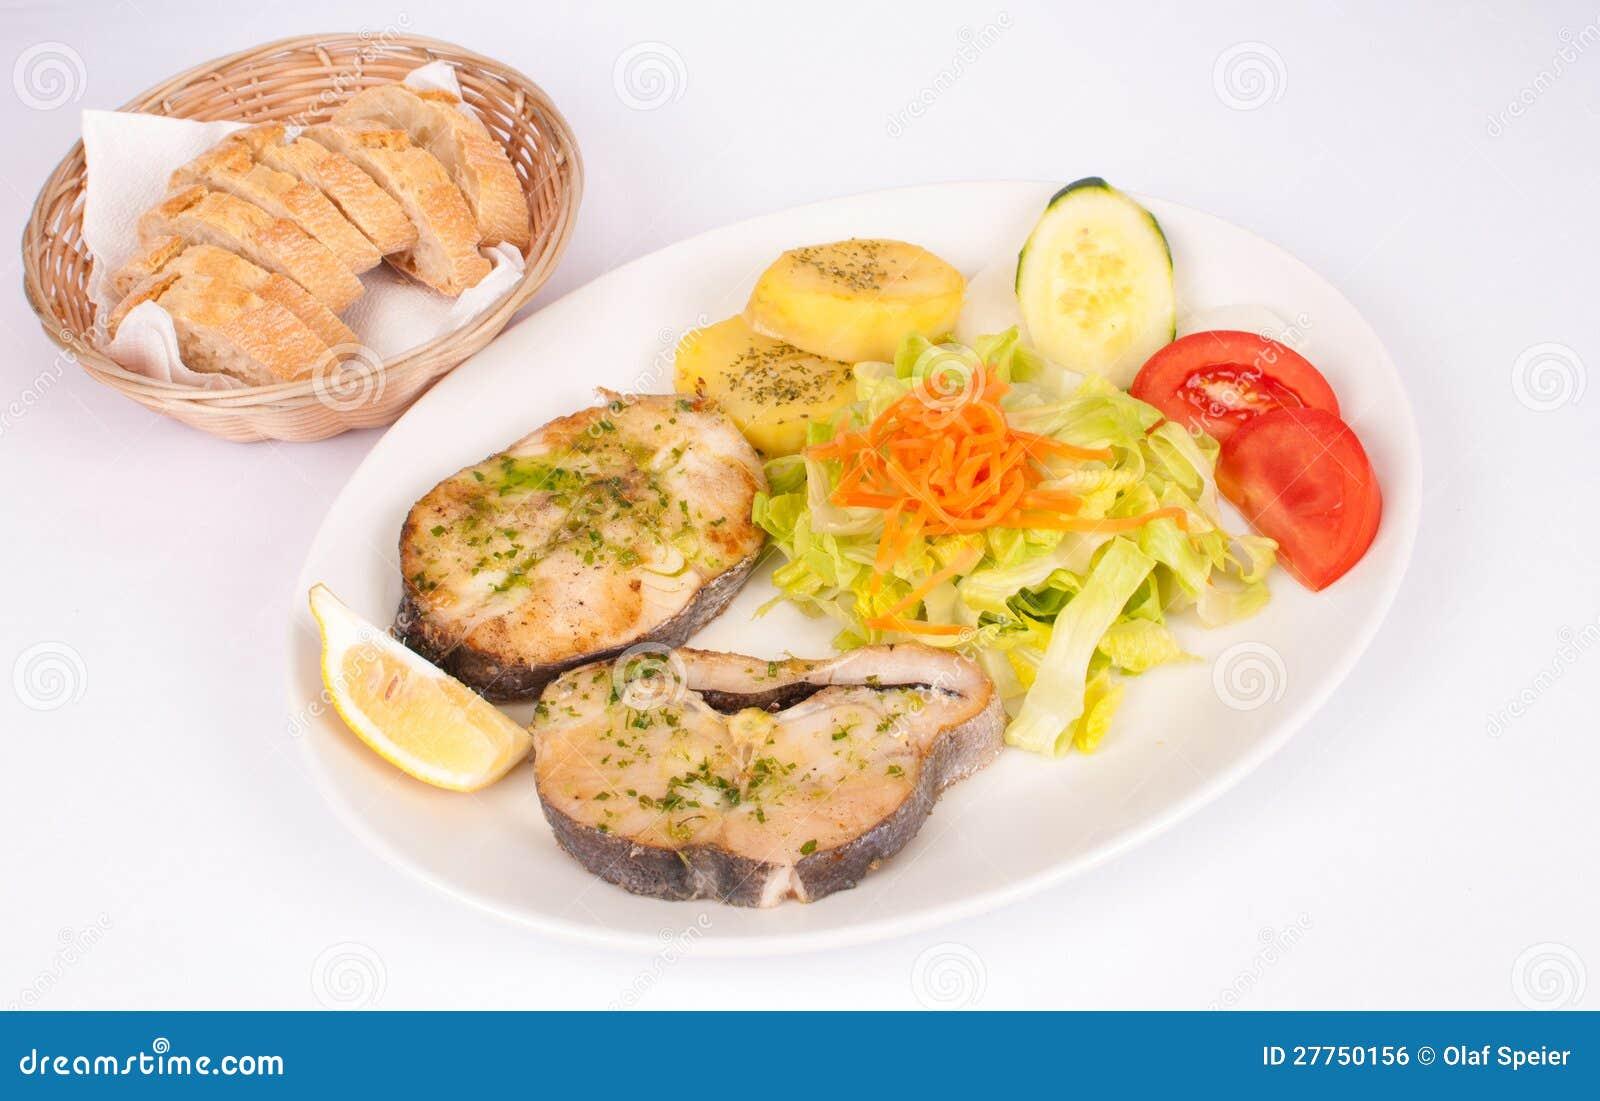 Porcja morszczuk